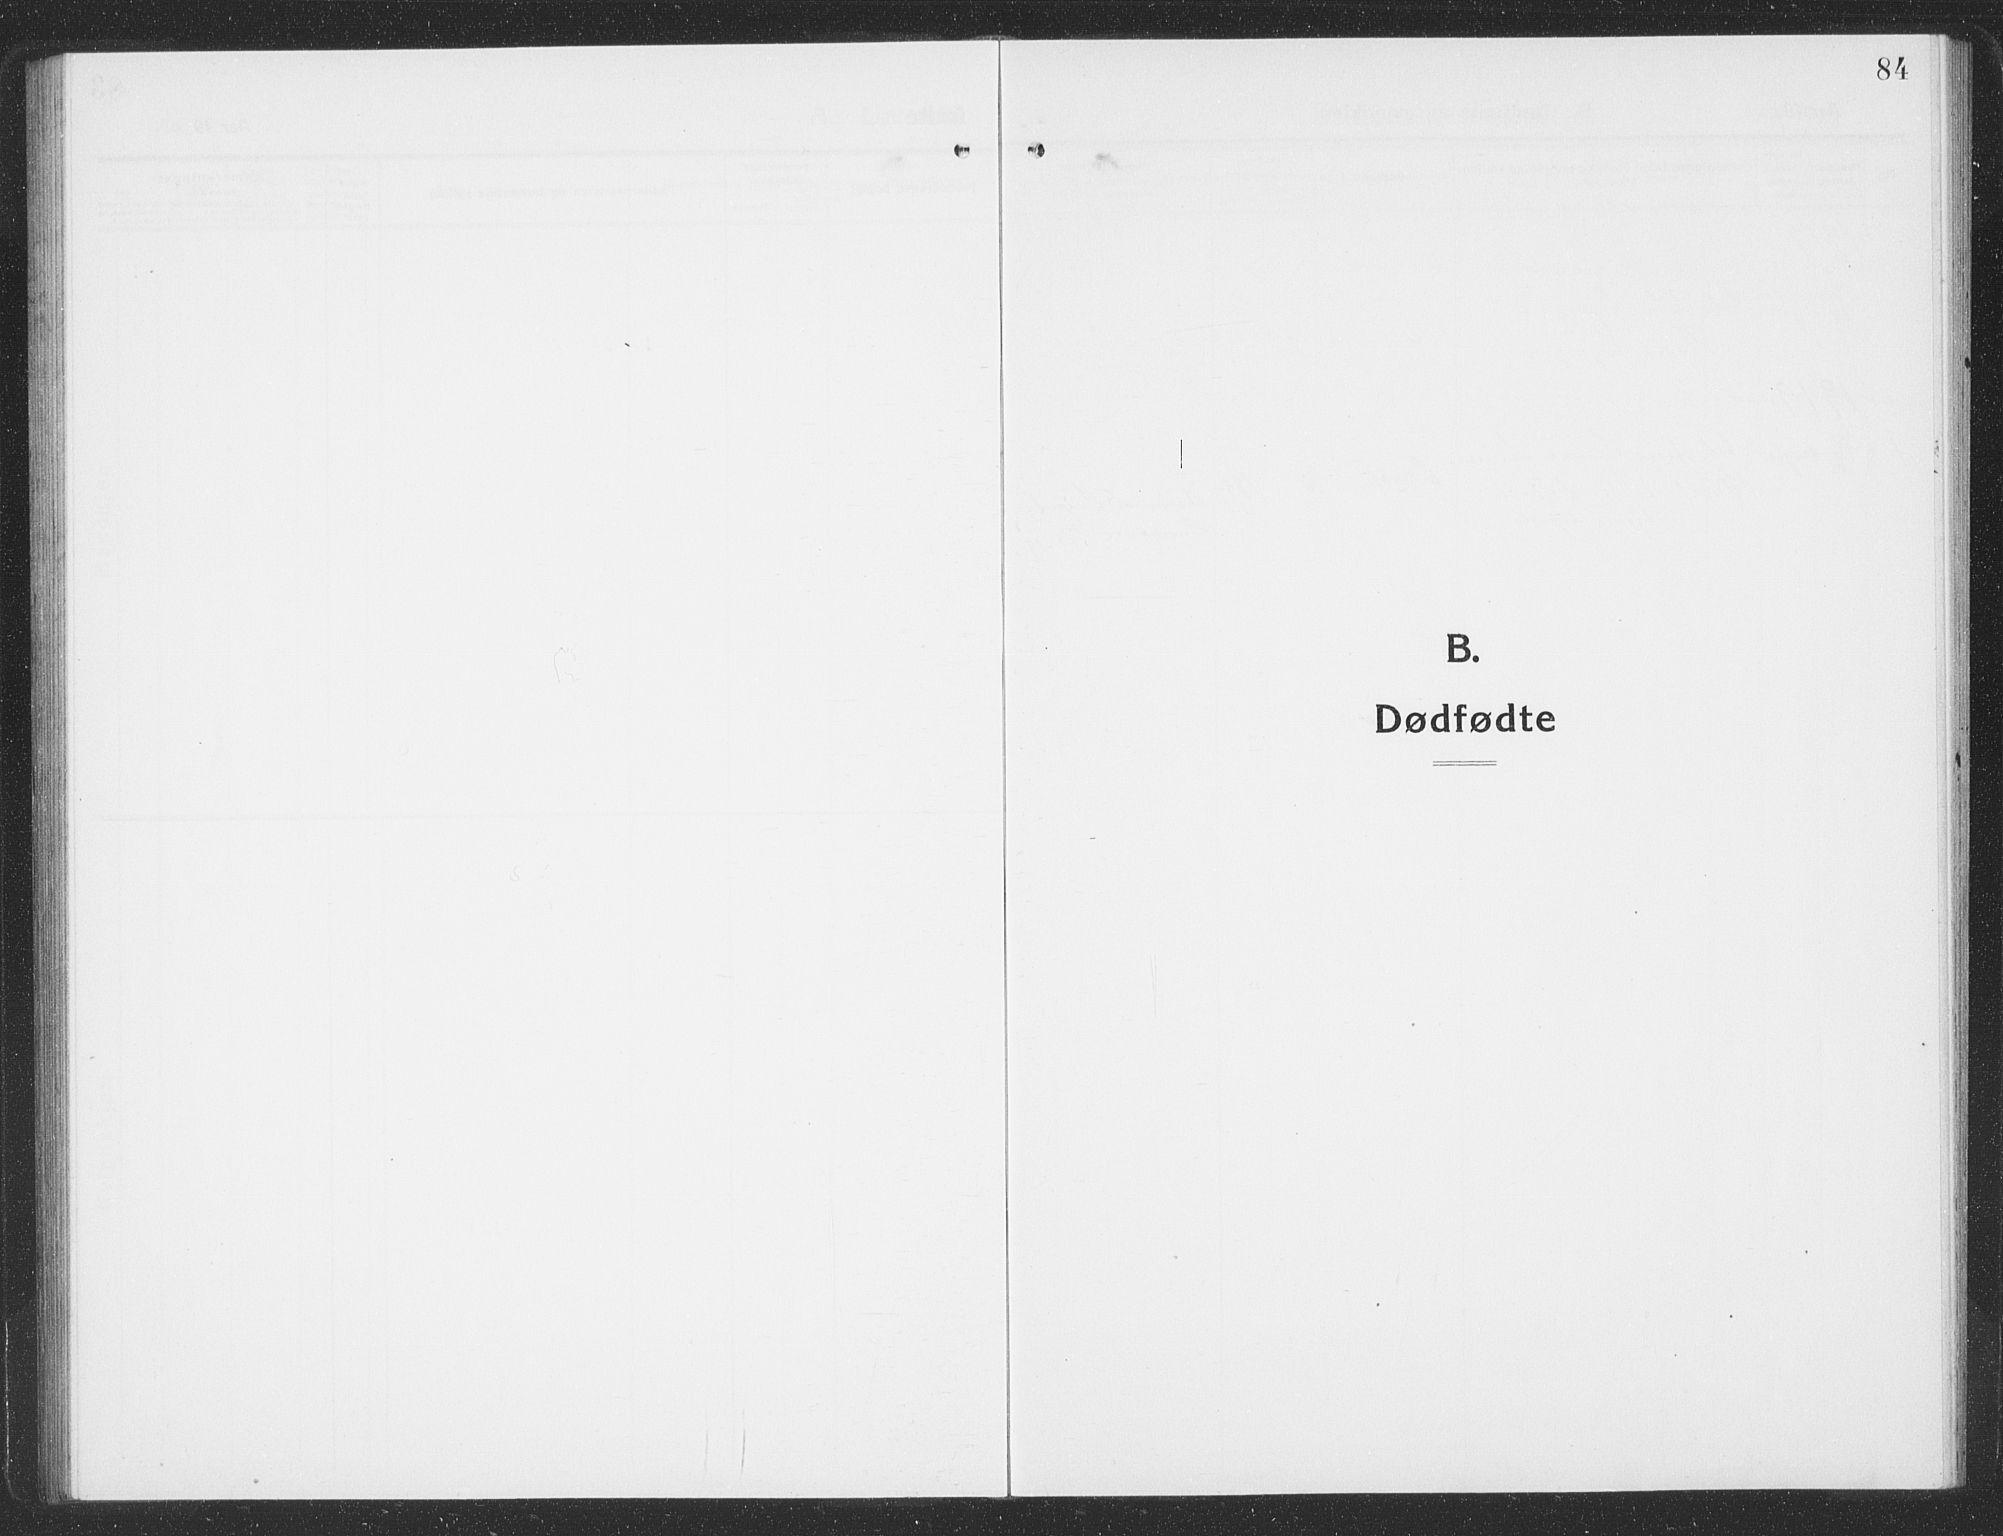 SAT, Ministerialprotokoller, klokkerbøker og fødselsregistre - Sør-Trøndelag, 688/L1030: Klokkerbok nr. 688C05, 1916-1939, s. 84